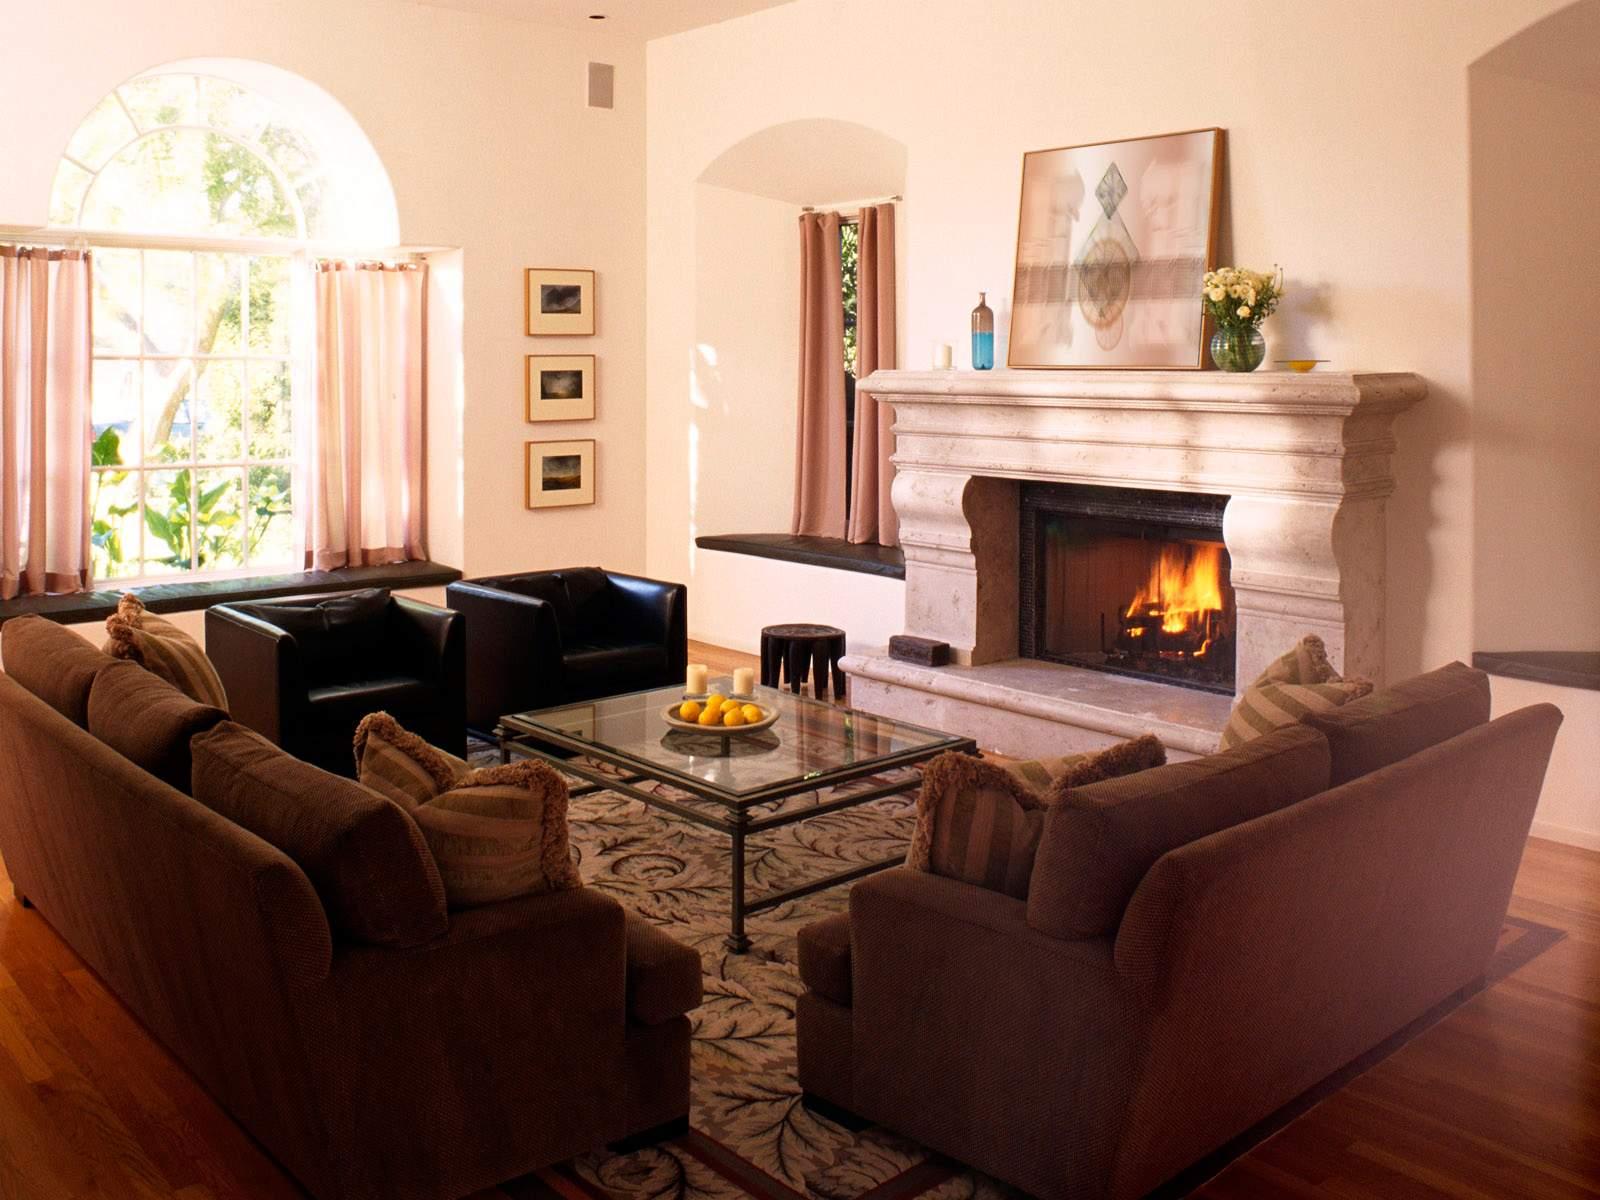 Интерьер зала с камином фото